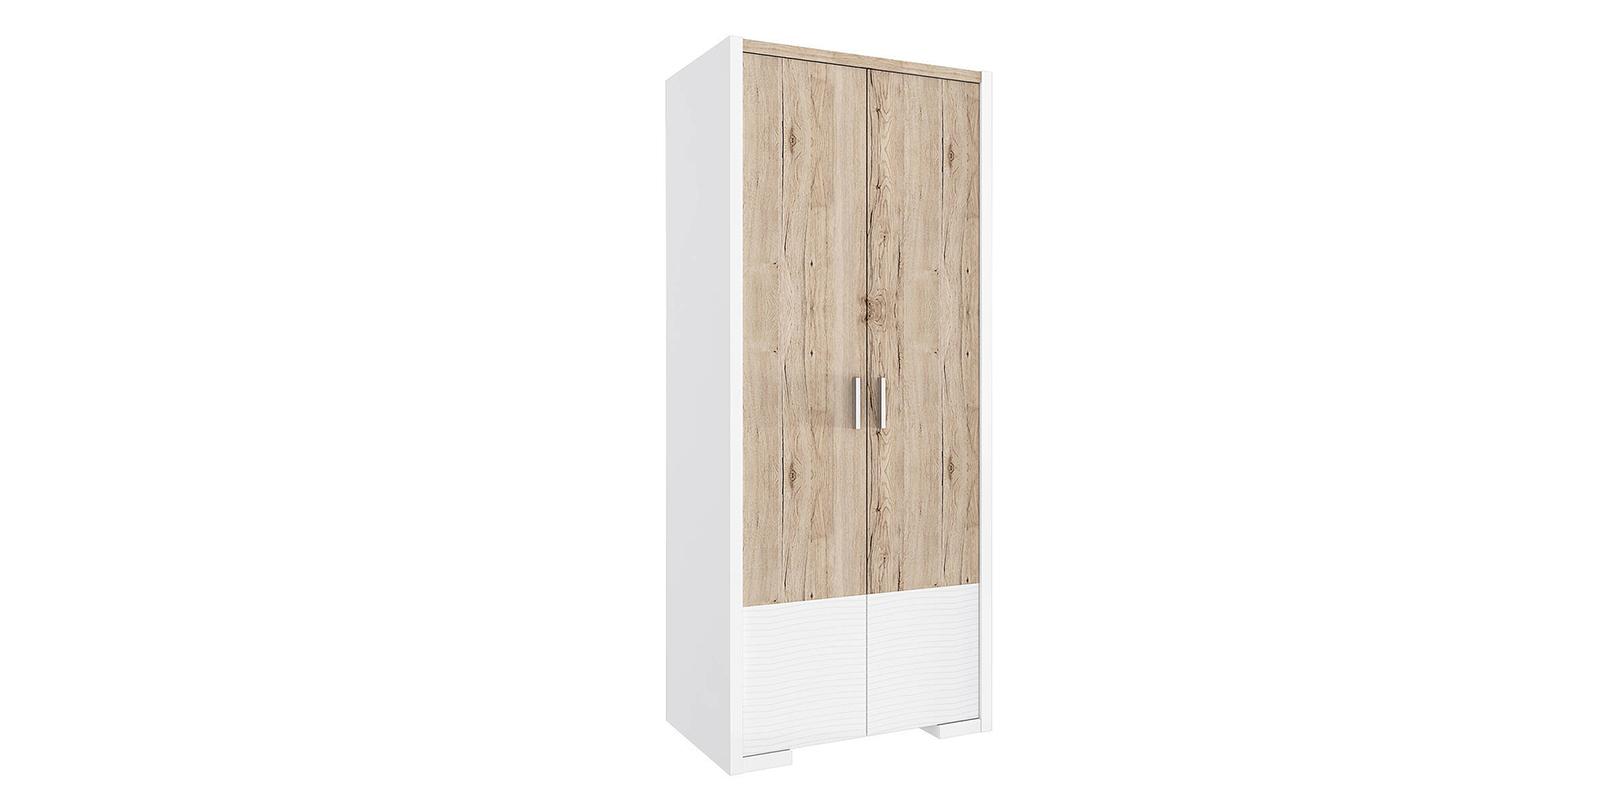 Шкаф распашной двухдверный Альмерия (дуб санремо/белый)